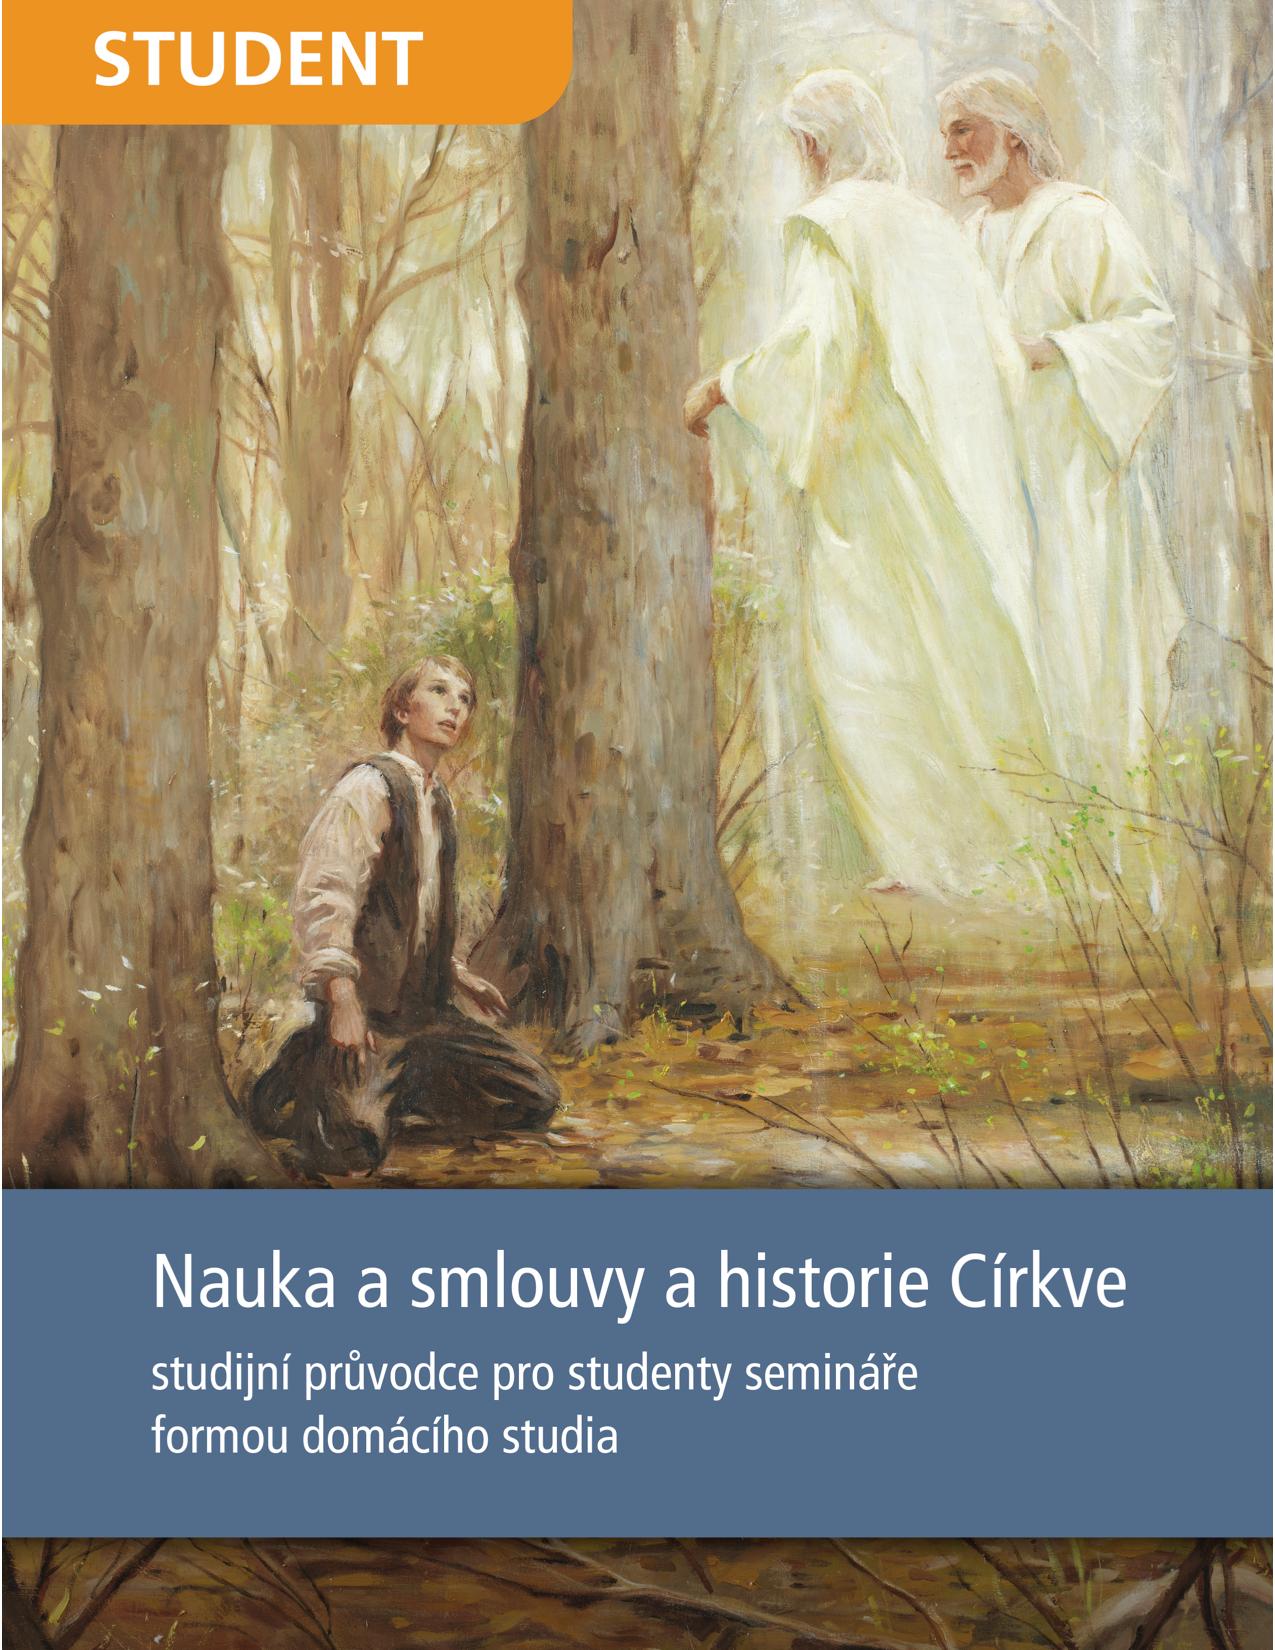 Nauka a smlouvy a historie Církve – studijní průvodce pro studenty semináře formou domácího studia